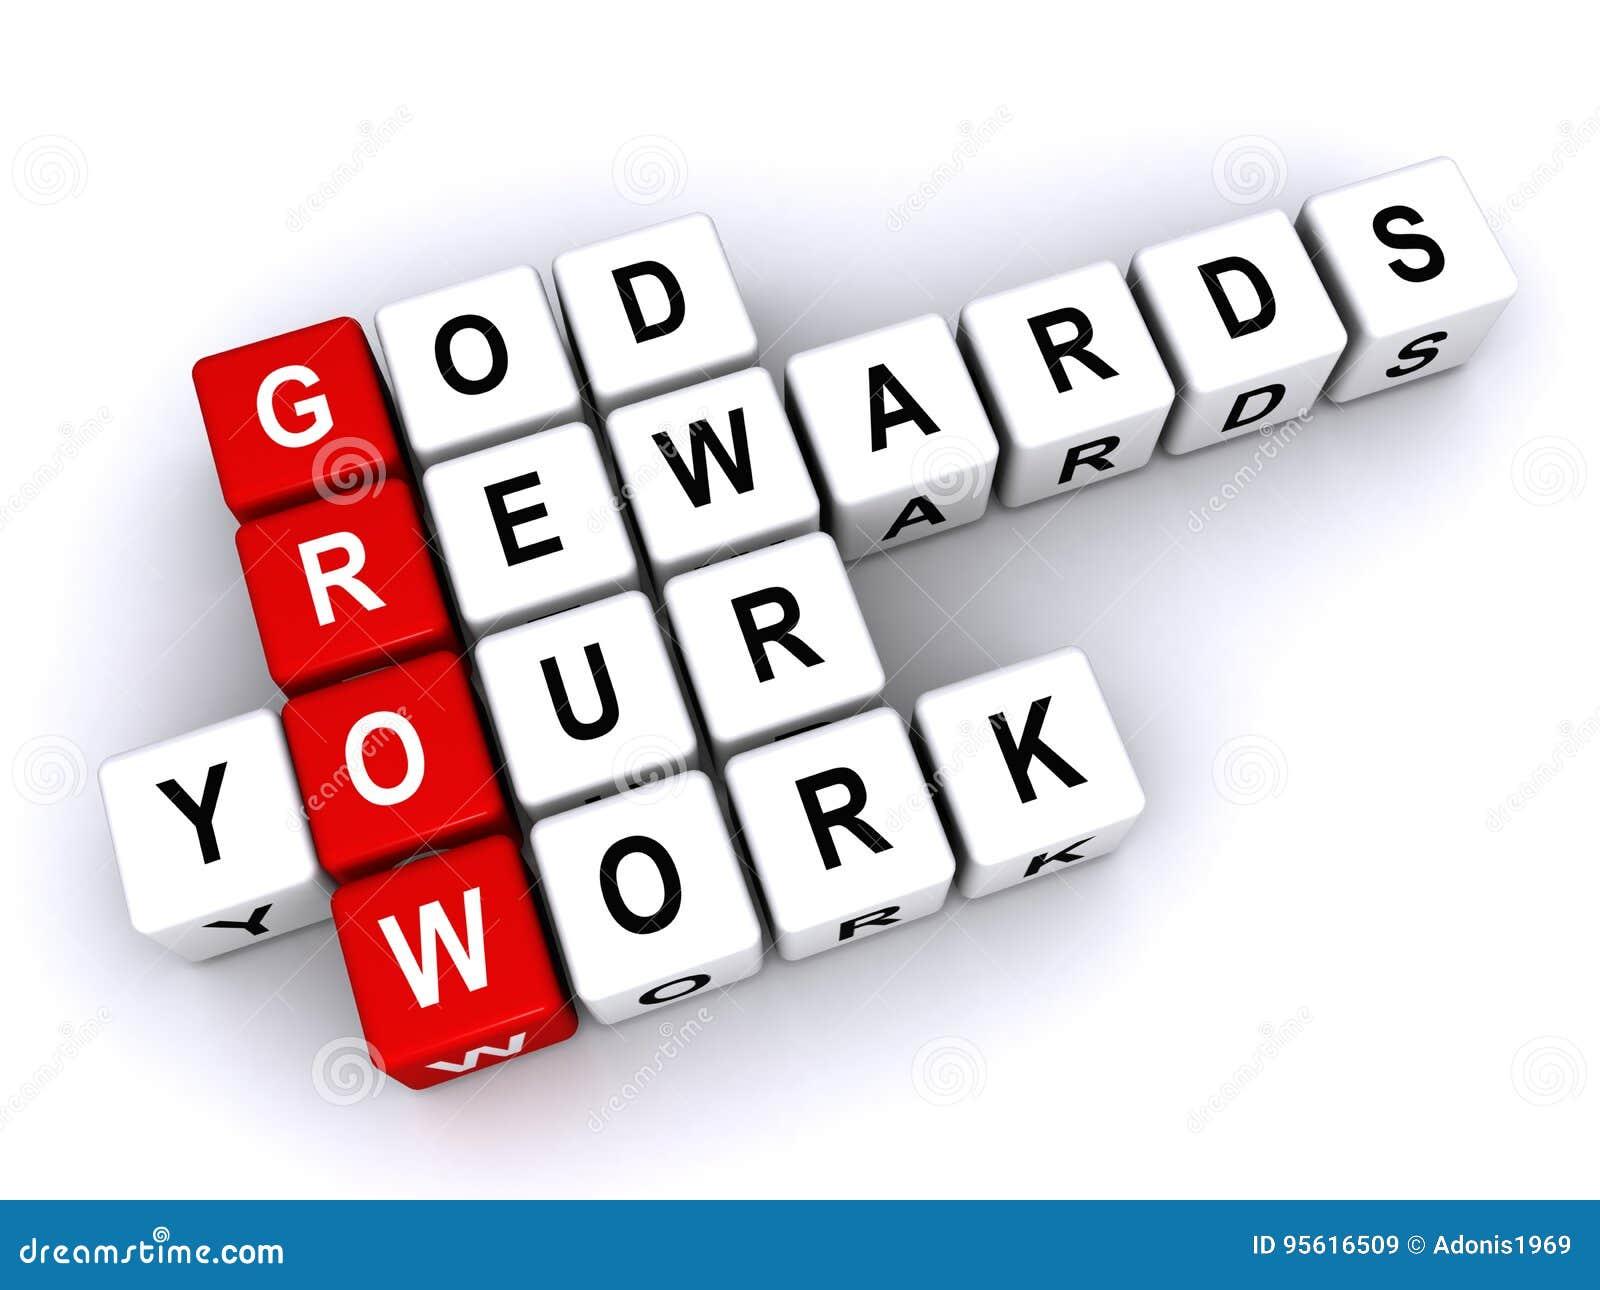 Guden belönar ditt arbete